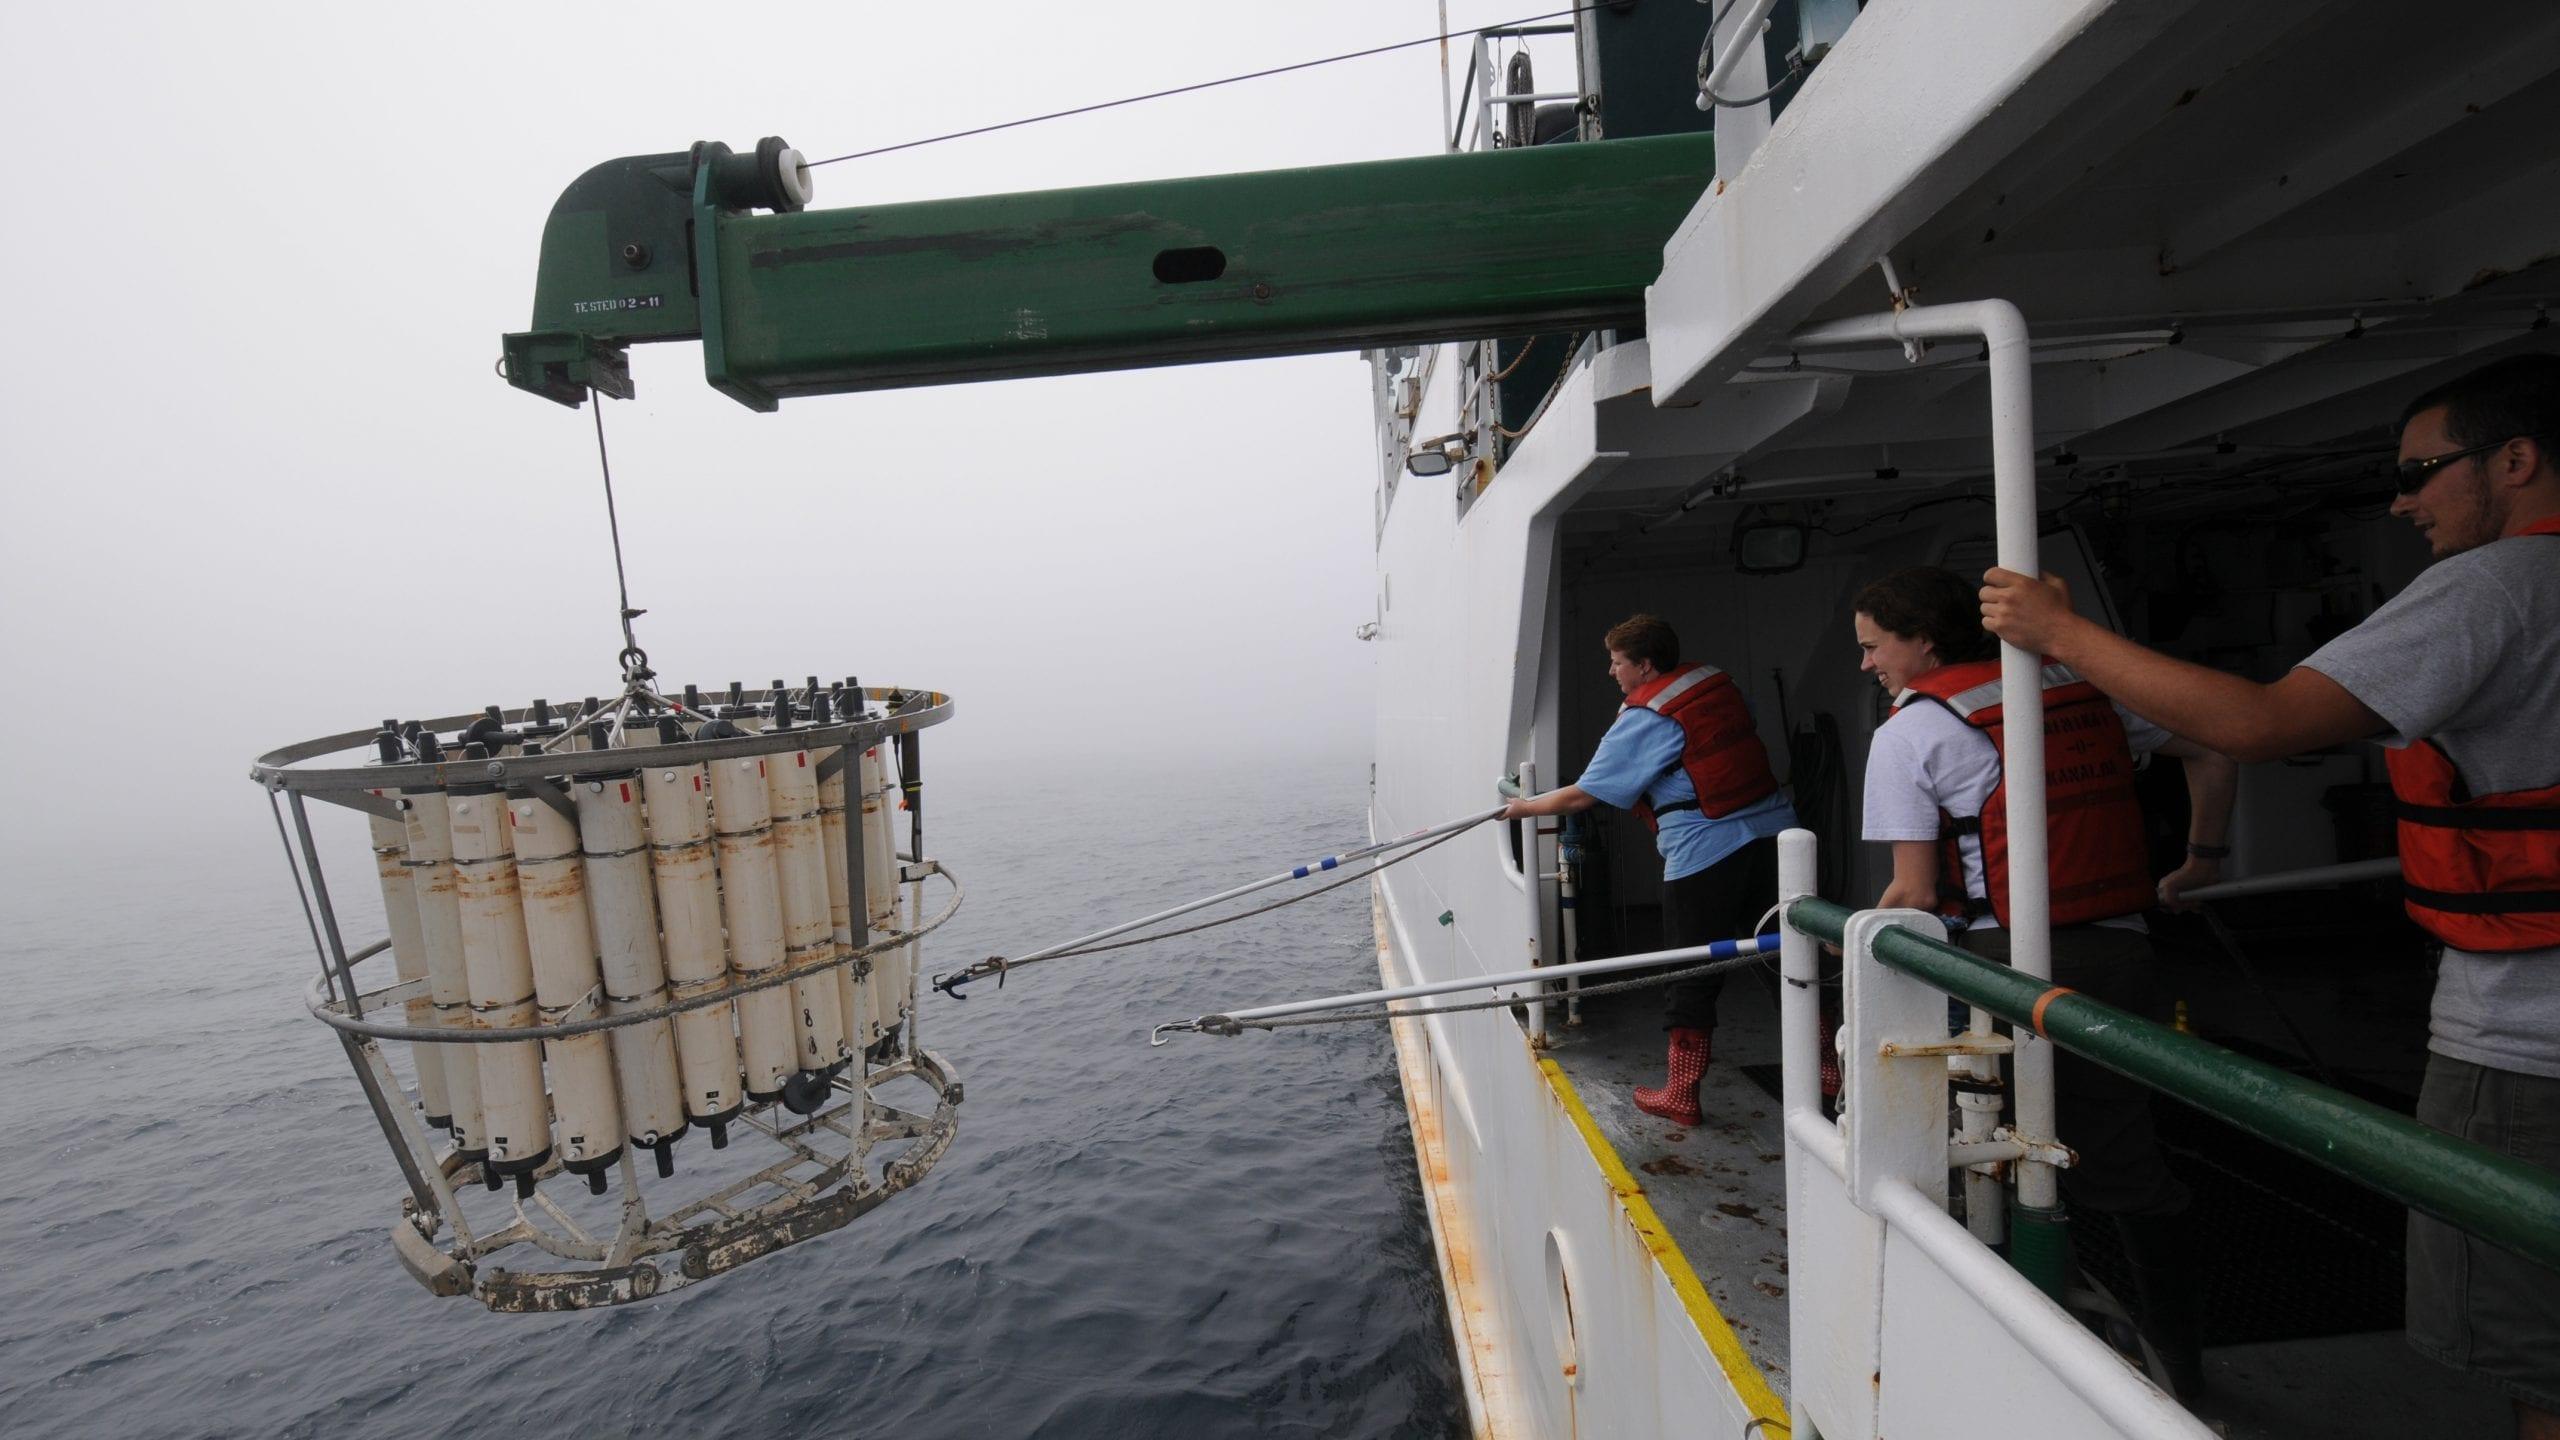 2011年6月に行われた最初の国際調査航海では、福島第一原発付近沿岸から482キロメートル以上沖合までの放射性核種の拡散を追跡した。過去10年以上にわたり、科学者、技術者、一般市民が、発電所近海からカナダ及びアメリカ合衆国の西海岸の広範囲において、海水、堆積物、海洋生物のサンプルを採取してきた。(撮影:ケン・コステル、©ウッズホール海洋研究所)